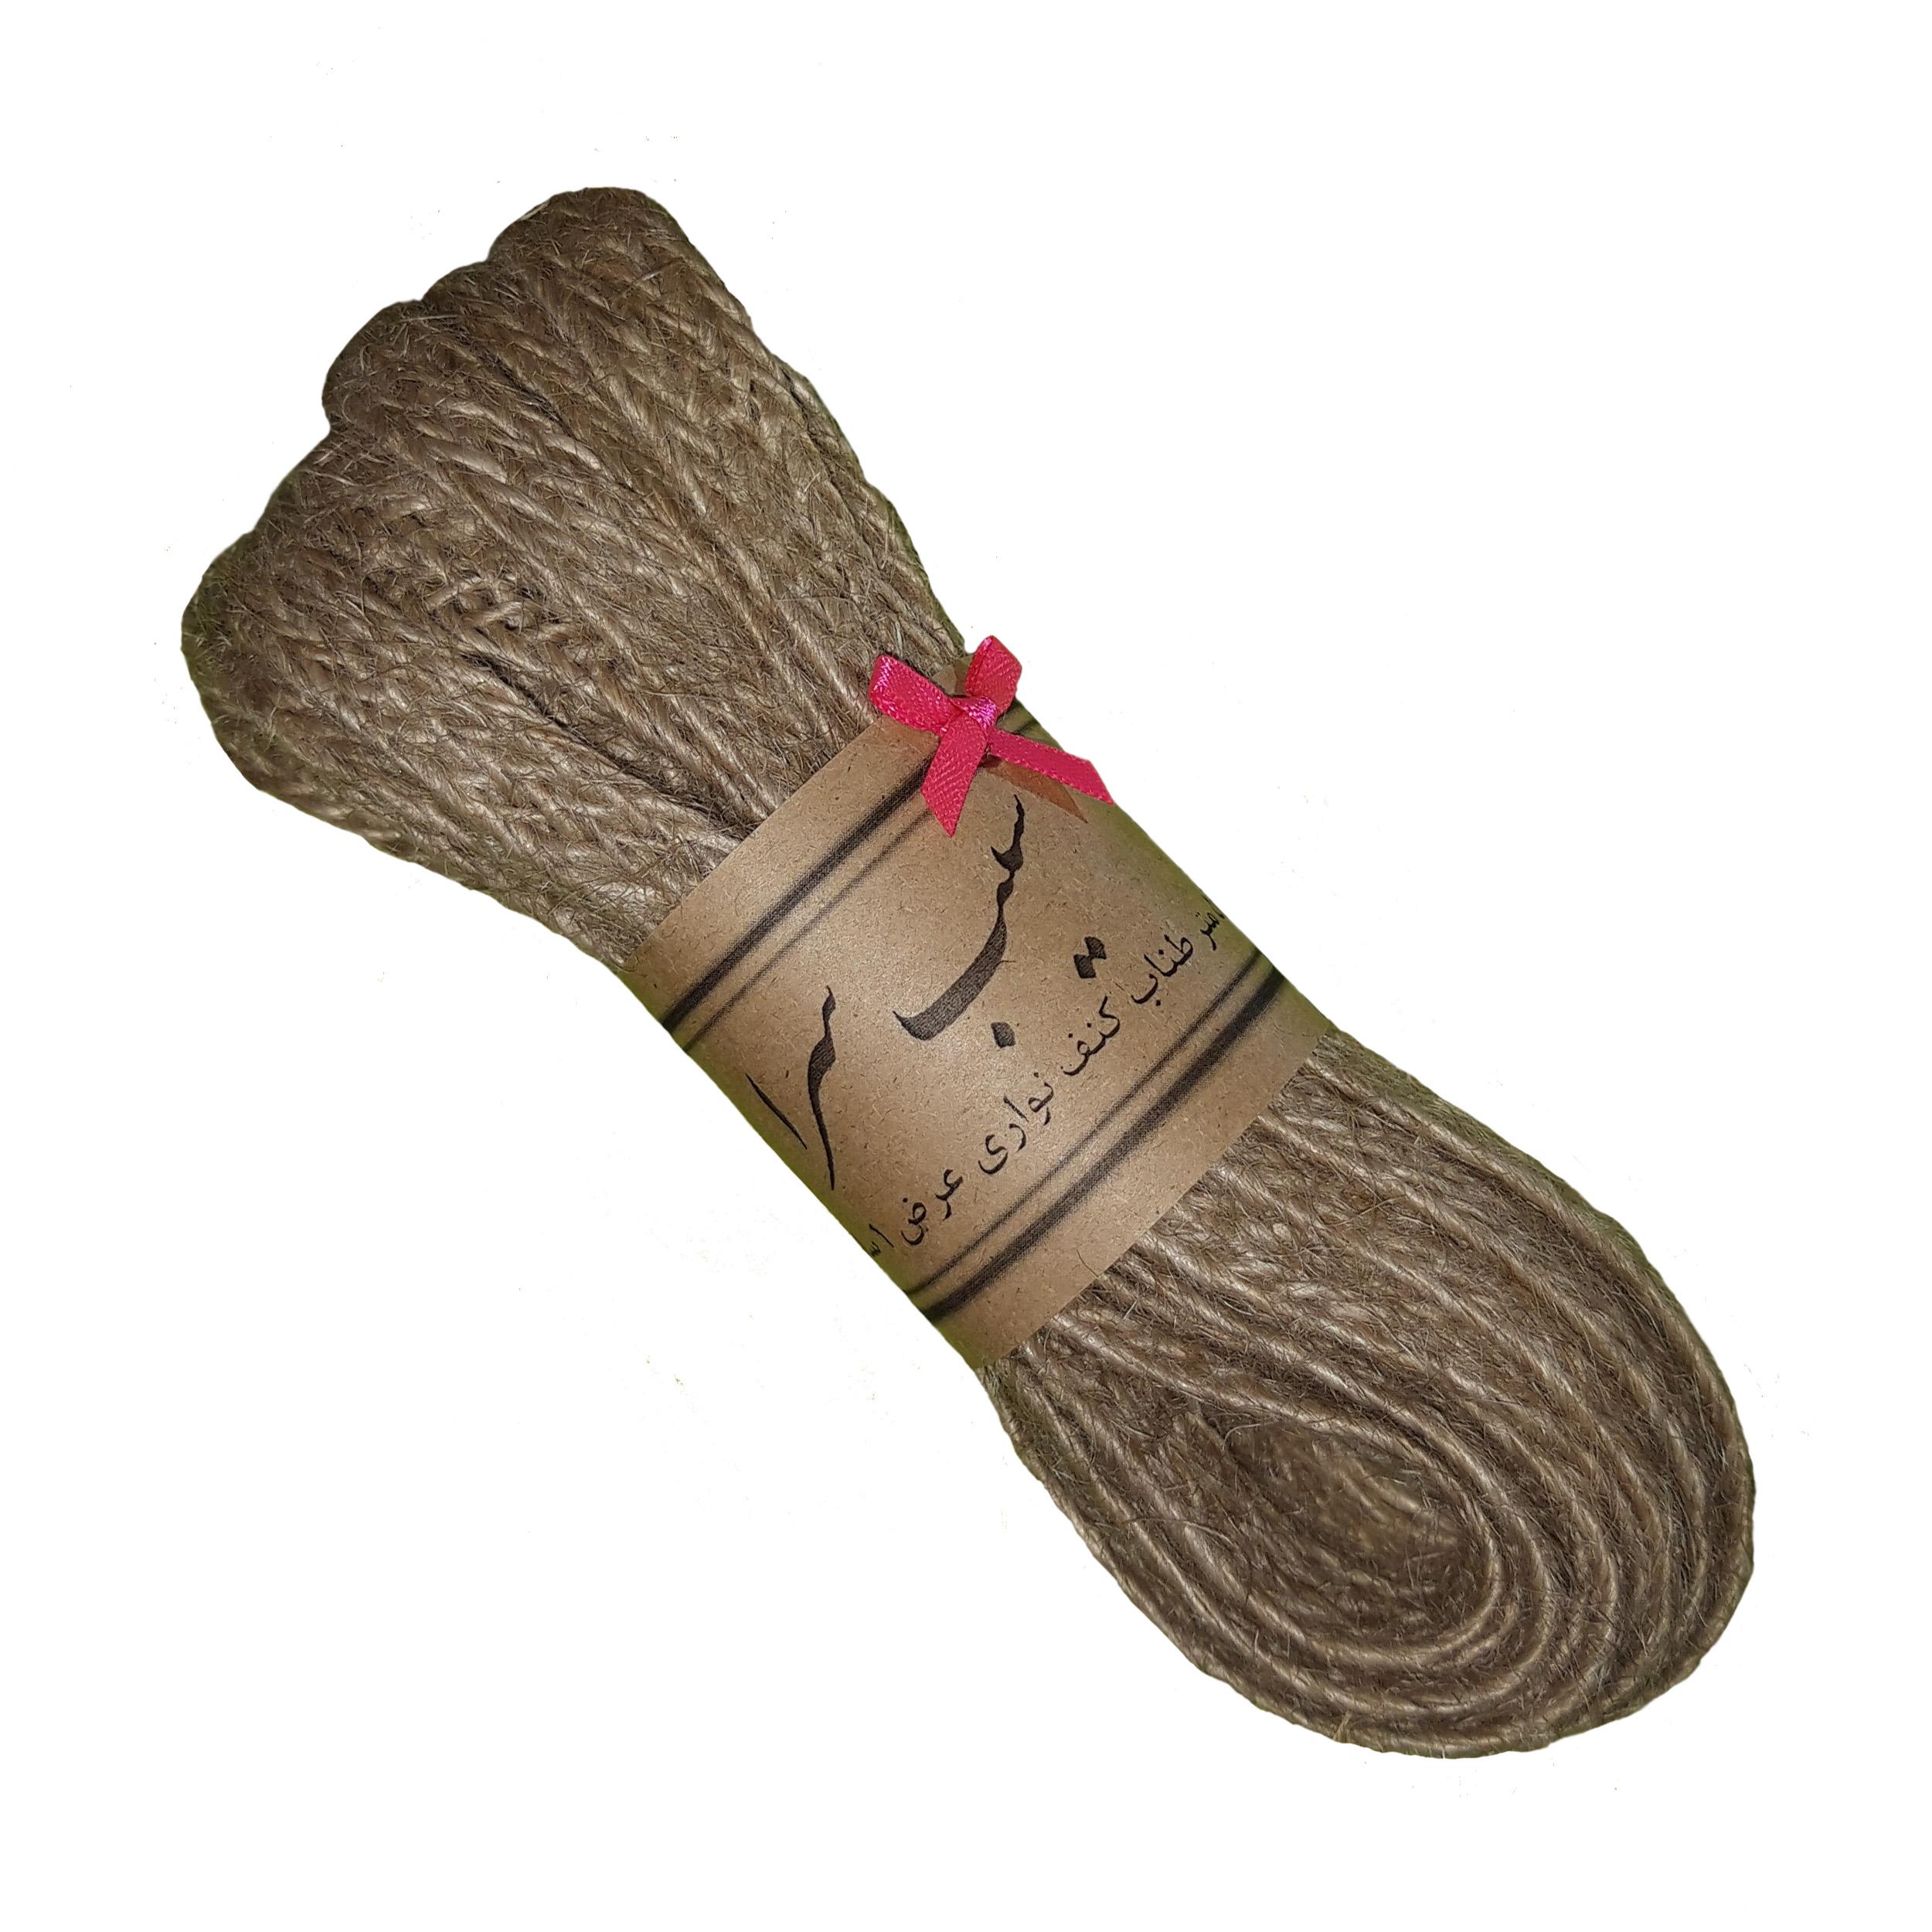 طناب نواری سیب سرا مدل k5-10 طول 5 متر